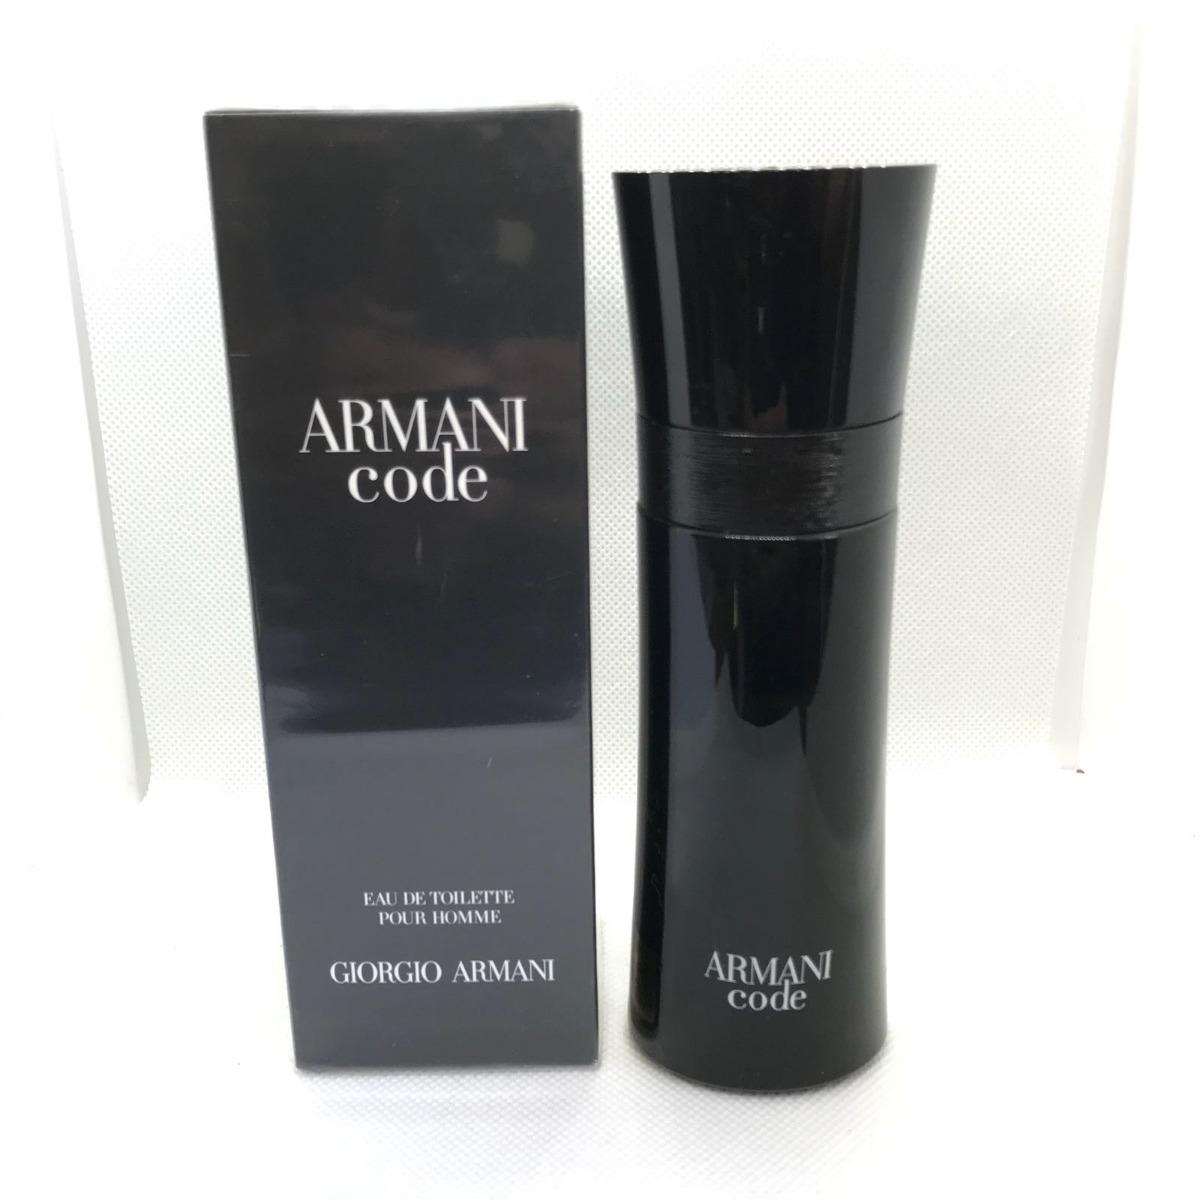 427d6478333 armani code giorgio armani masculino eau de toilette 75ml. Carregando zoom.